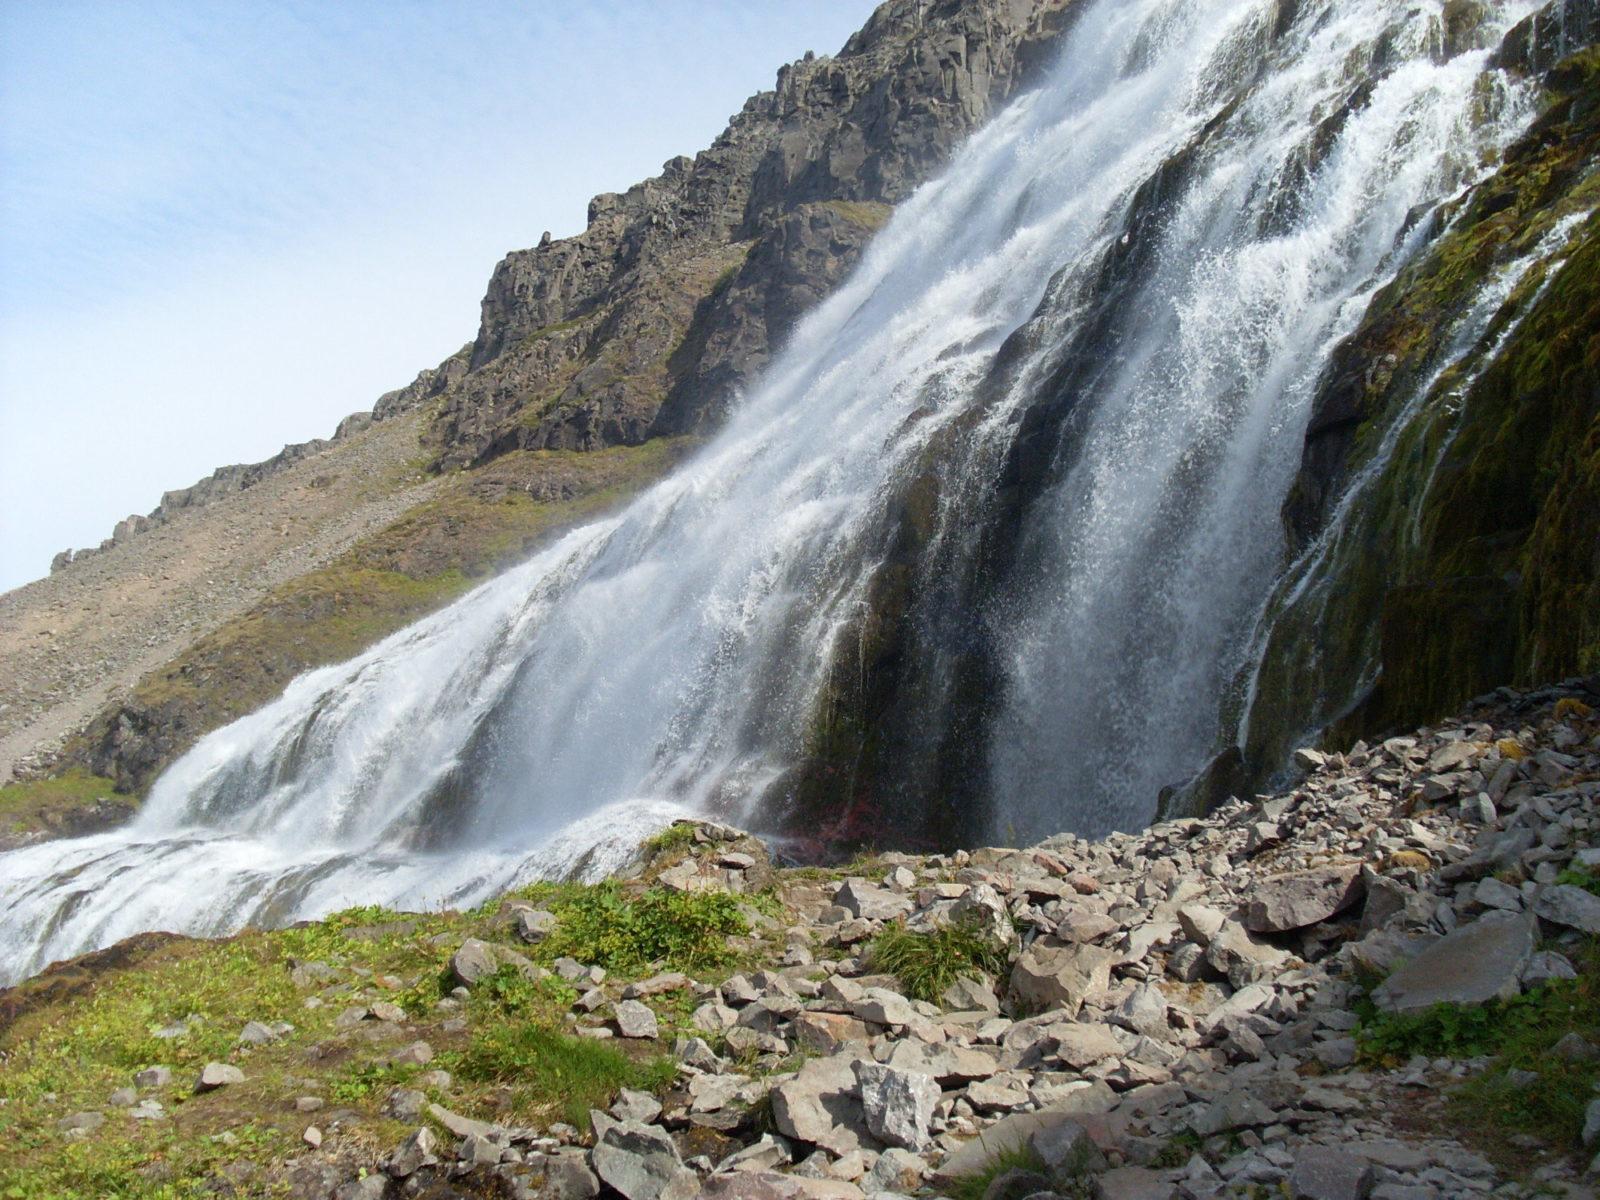 A side view of Dynjandi Waterfall